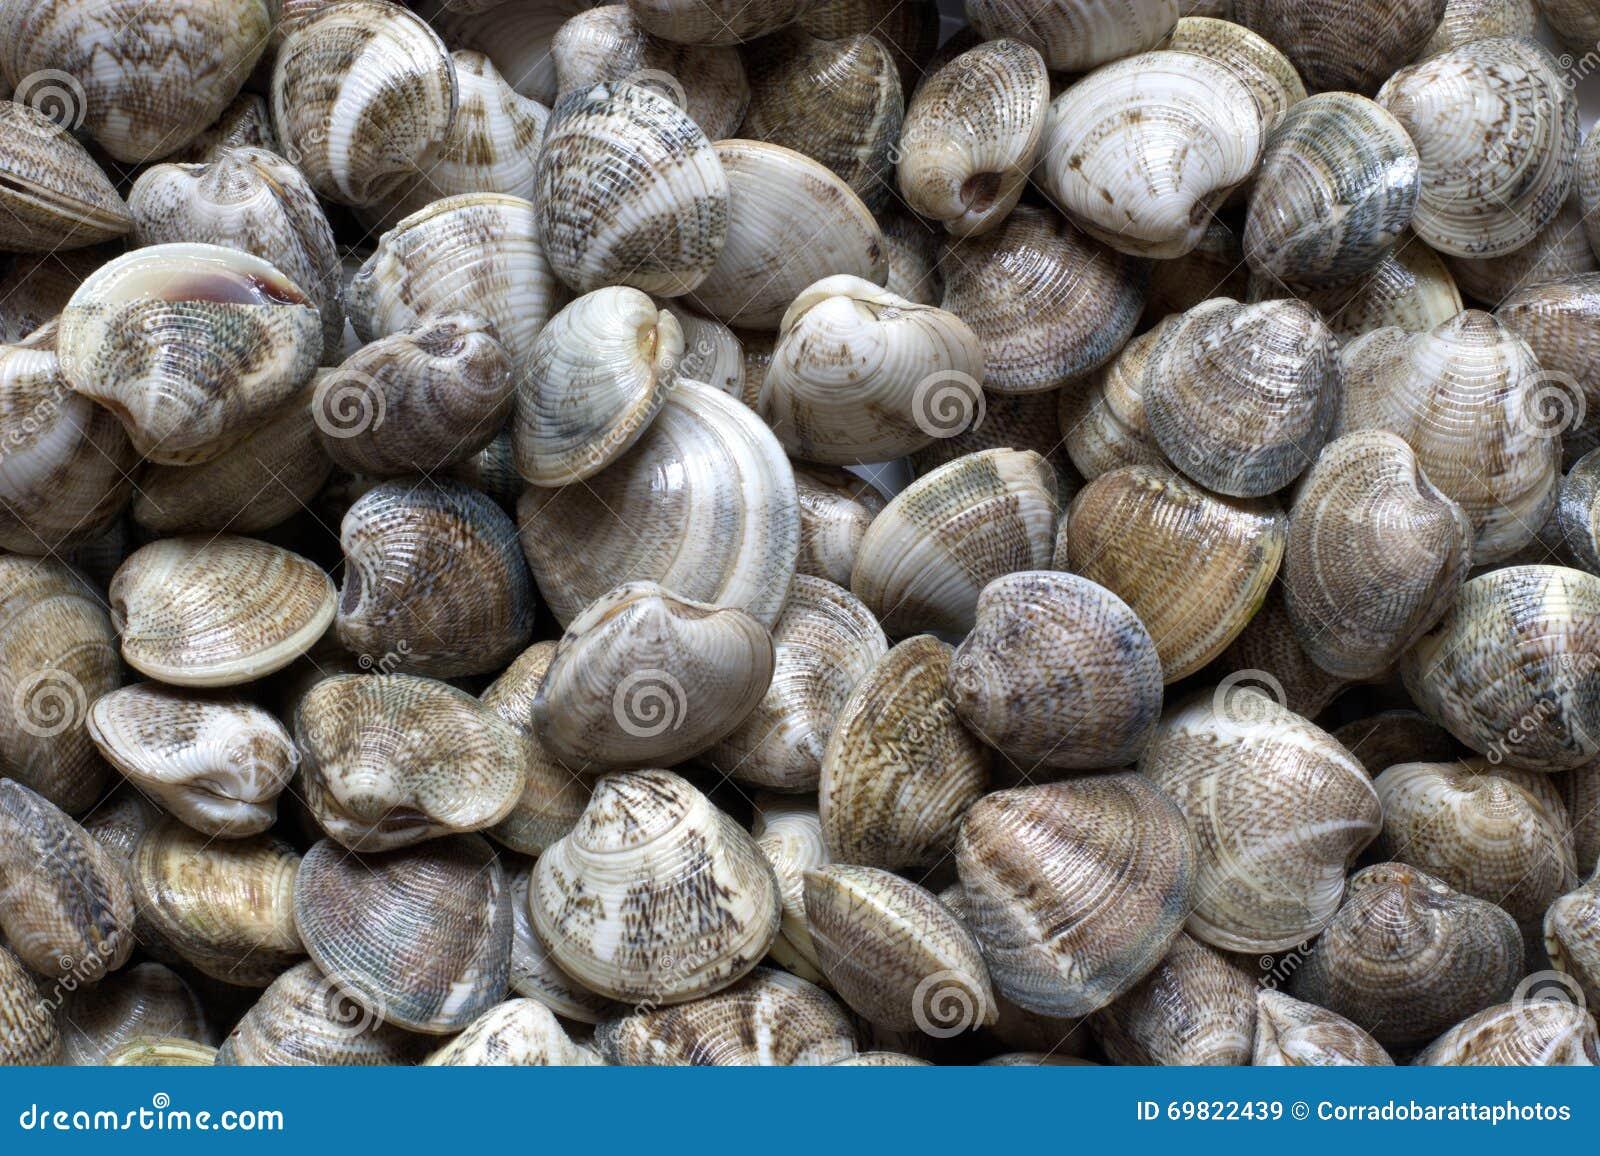 Frische Muscheln Von Adria Stockfoto  Bild 69822439